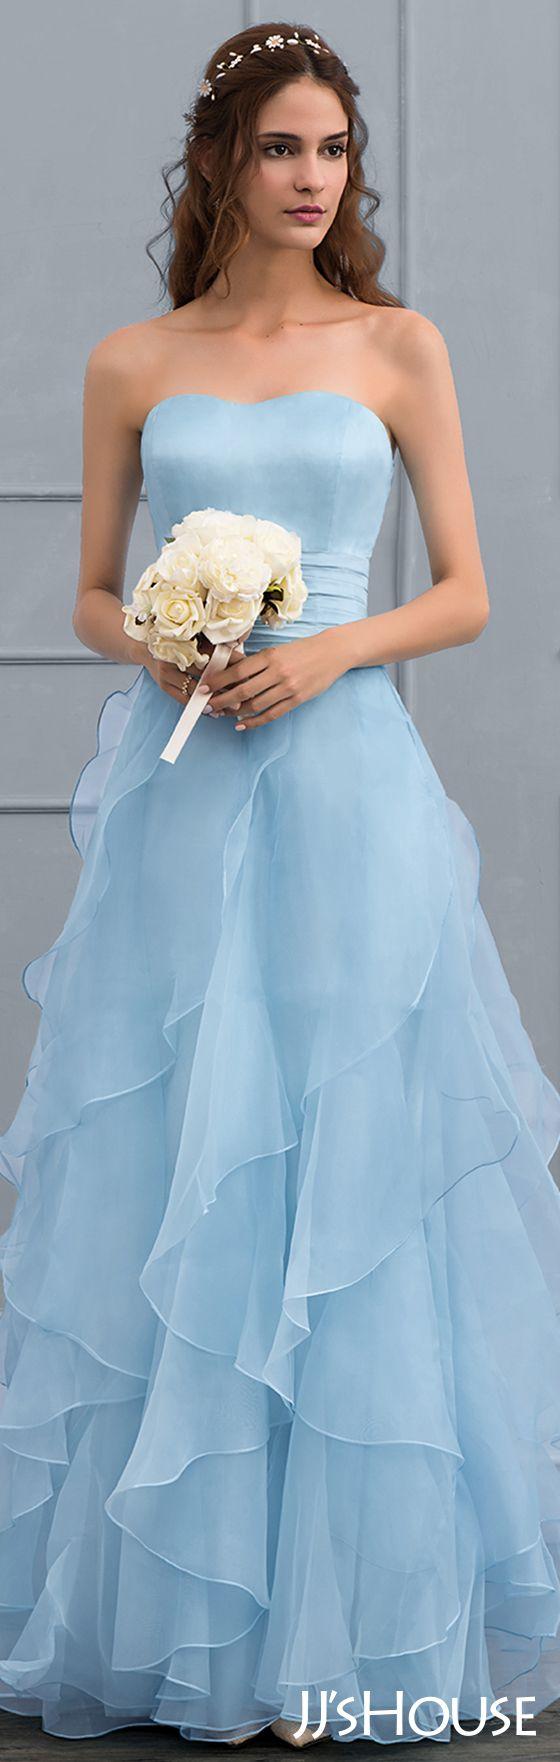 Mejores 108 imágenes de Vestidos de novia en Pinterest | Vestidos de ...